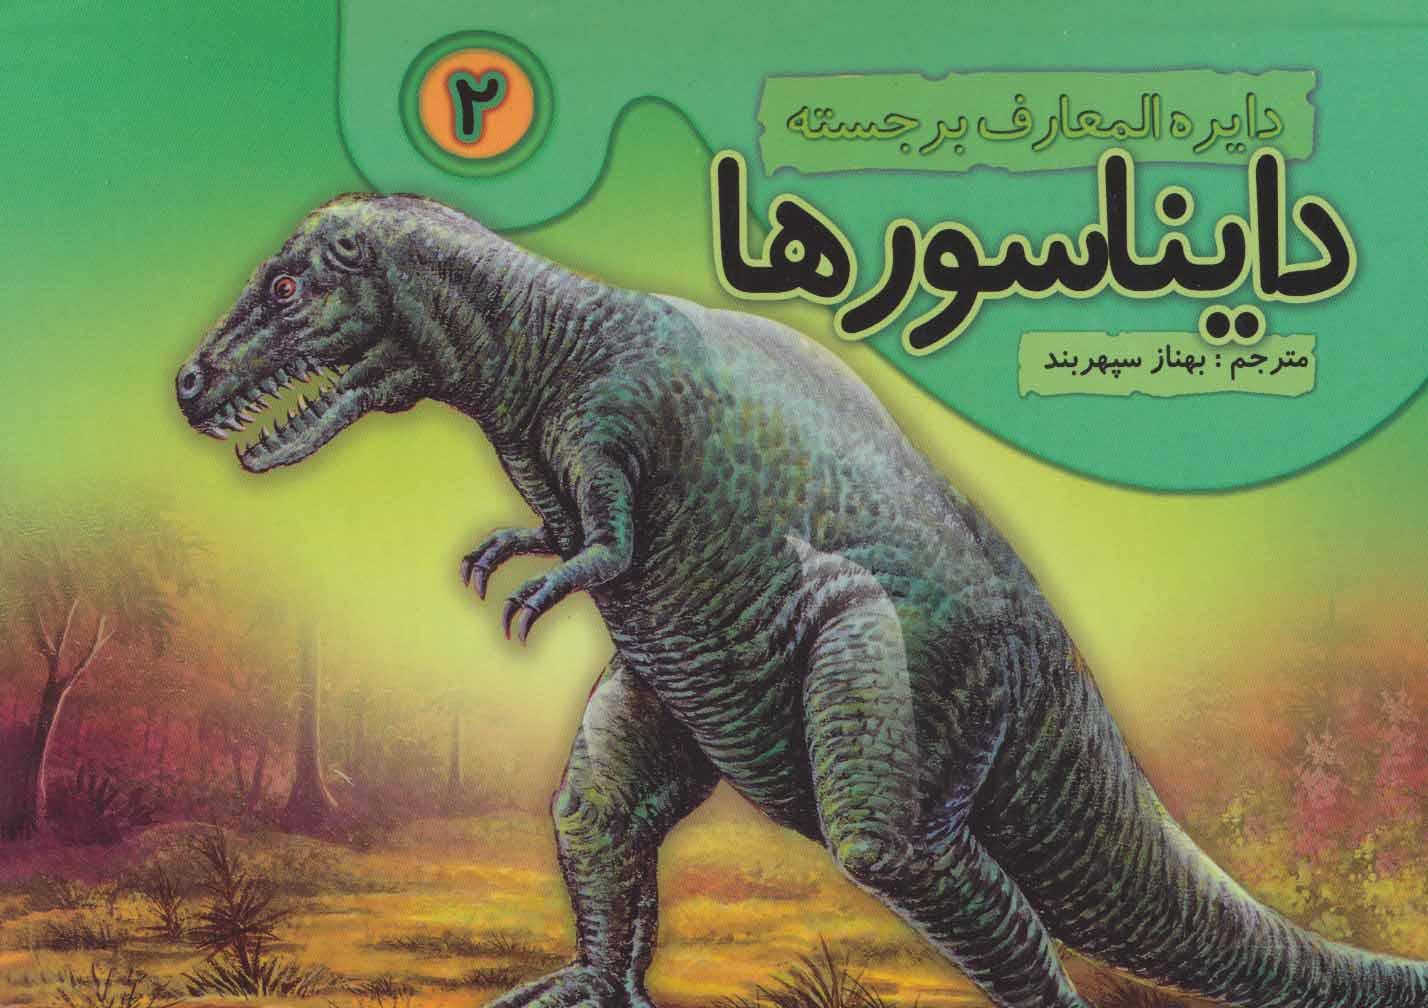 دایره المعارف برجسته دایناسورها 2 (گلاسه)